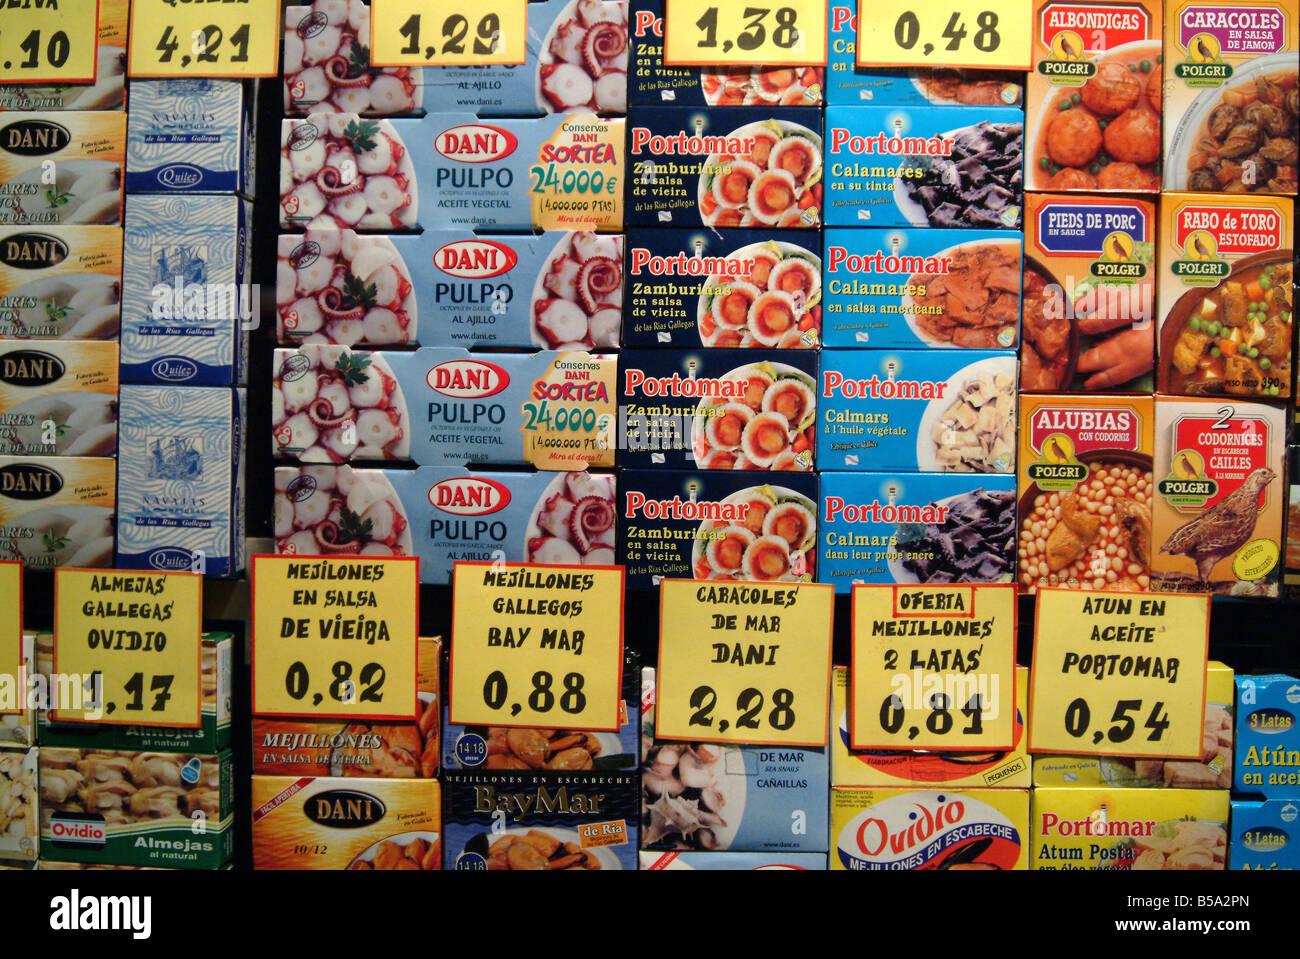 Escaparate de una tienda en Barcelona España Foto de stock